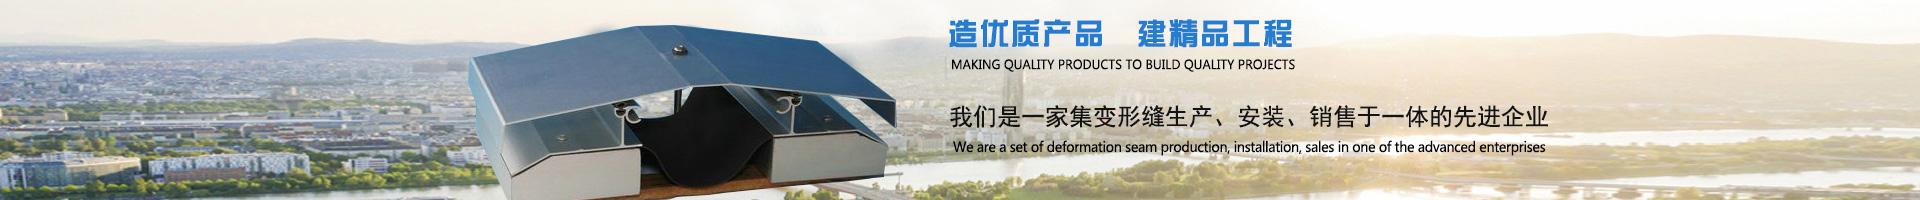 北京变形缝